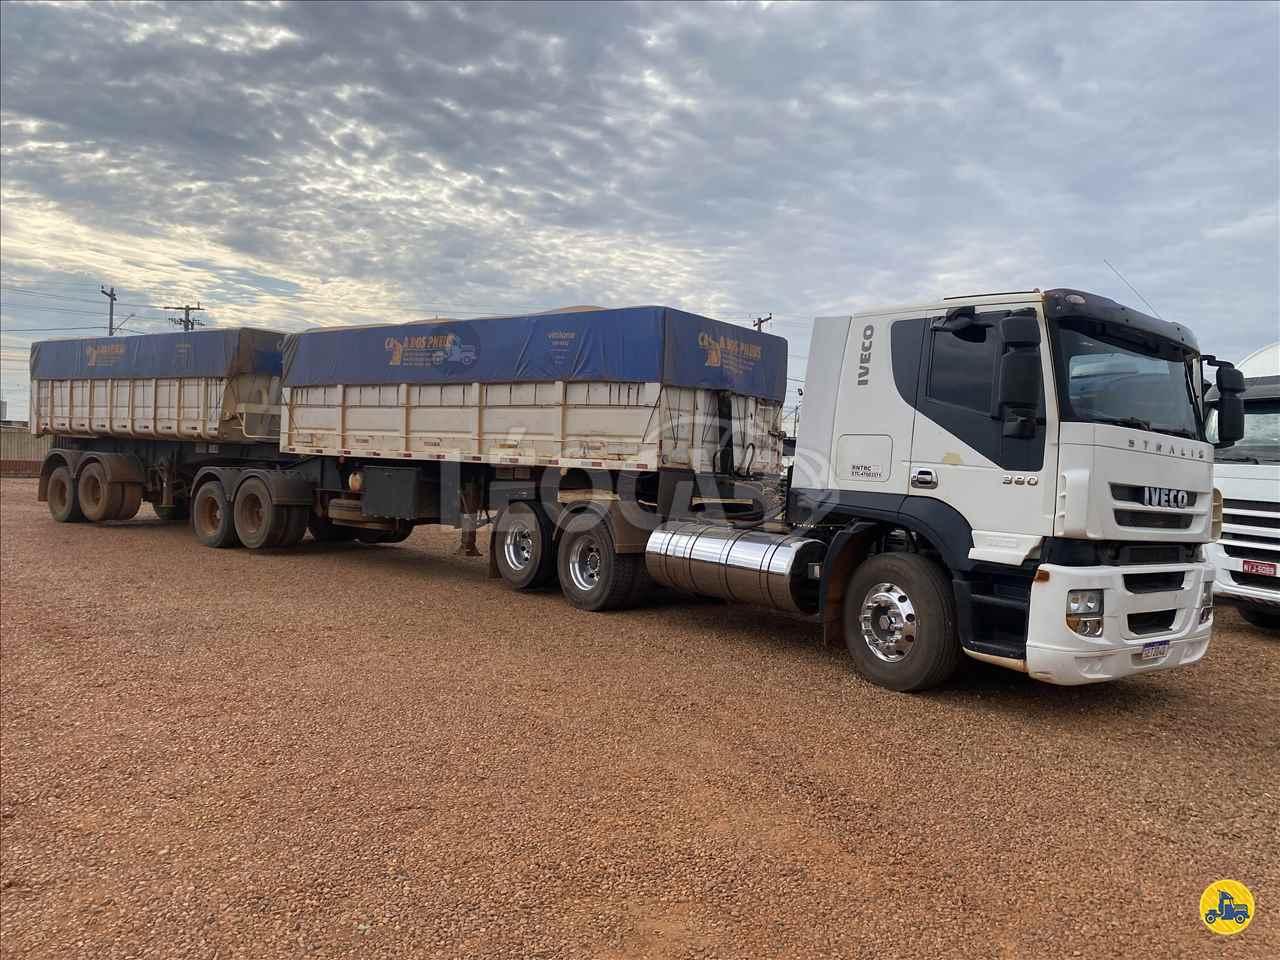 CAMINHAO IVECO STRALIS 380 Caçamba Basculante Truck 6x2 Leocar Caminhões PRIMAVERA DO LESTE MATO GROSSO MT